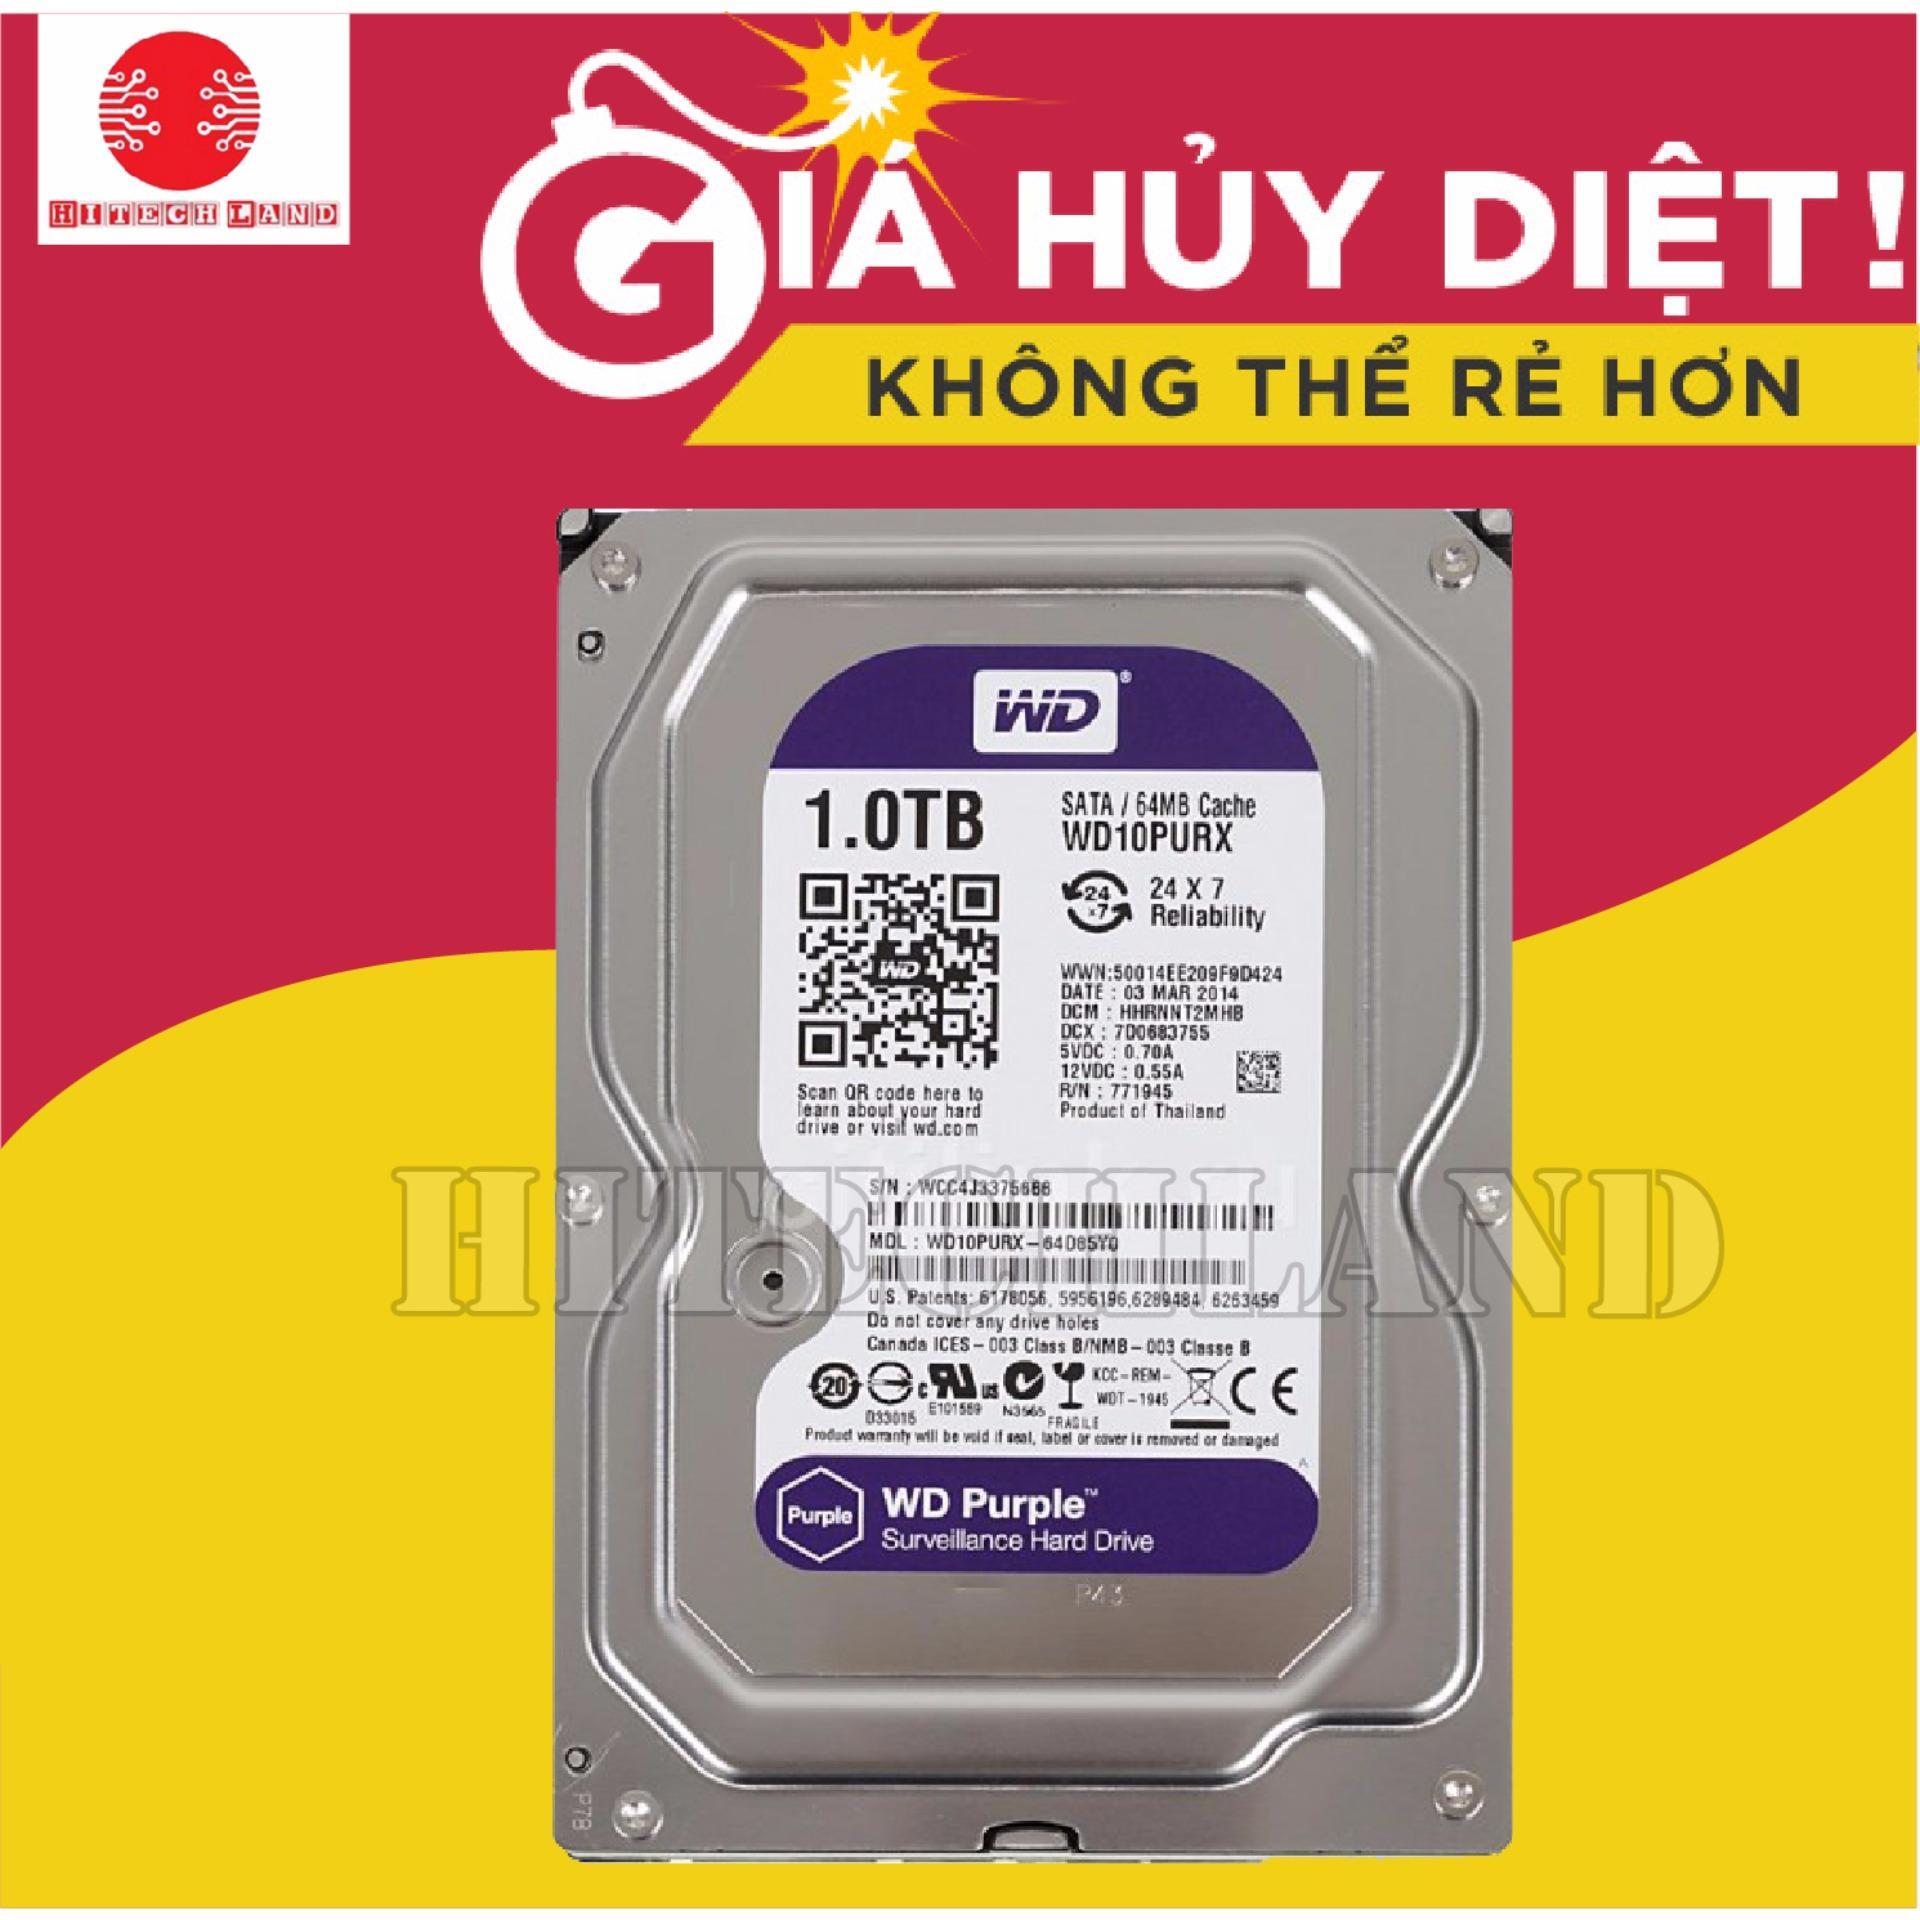 Bảng Giá Ổ cứng WD Purple 1TB WD10PURZ – Loại ổ tím chuyên dụng (Bảo hành 3 năm) Tại HITECH LAND COMPANY